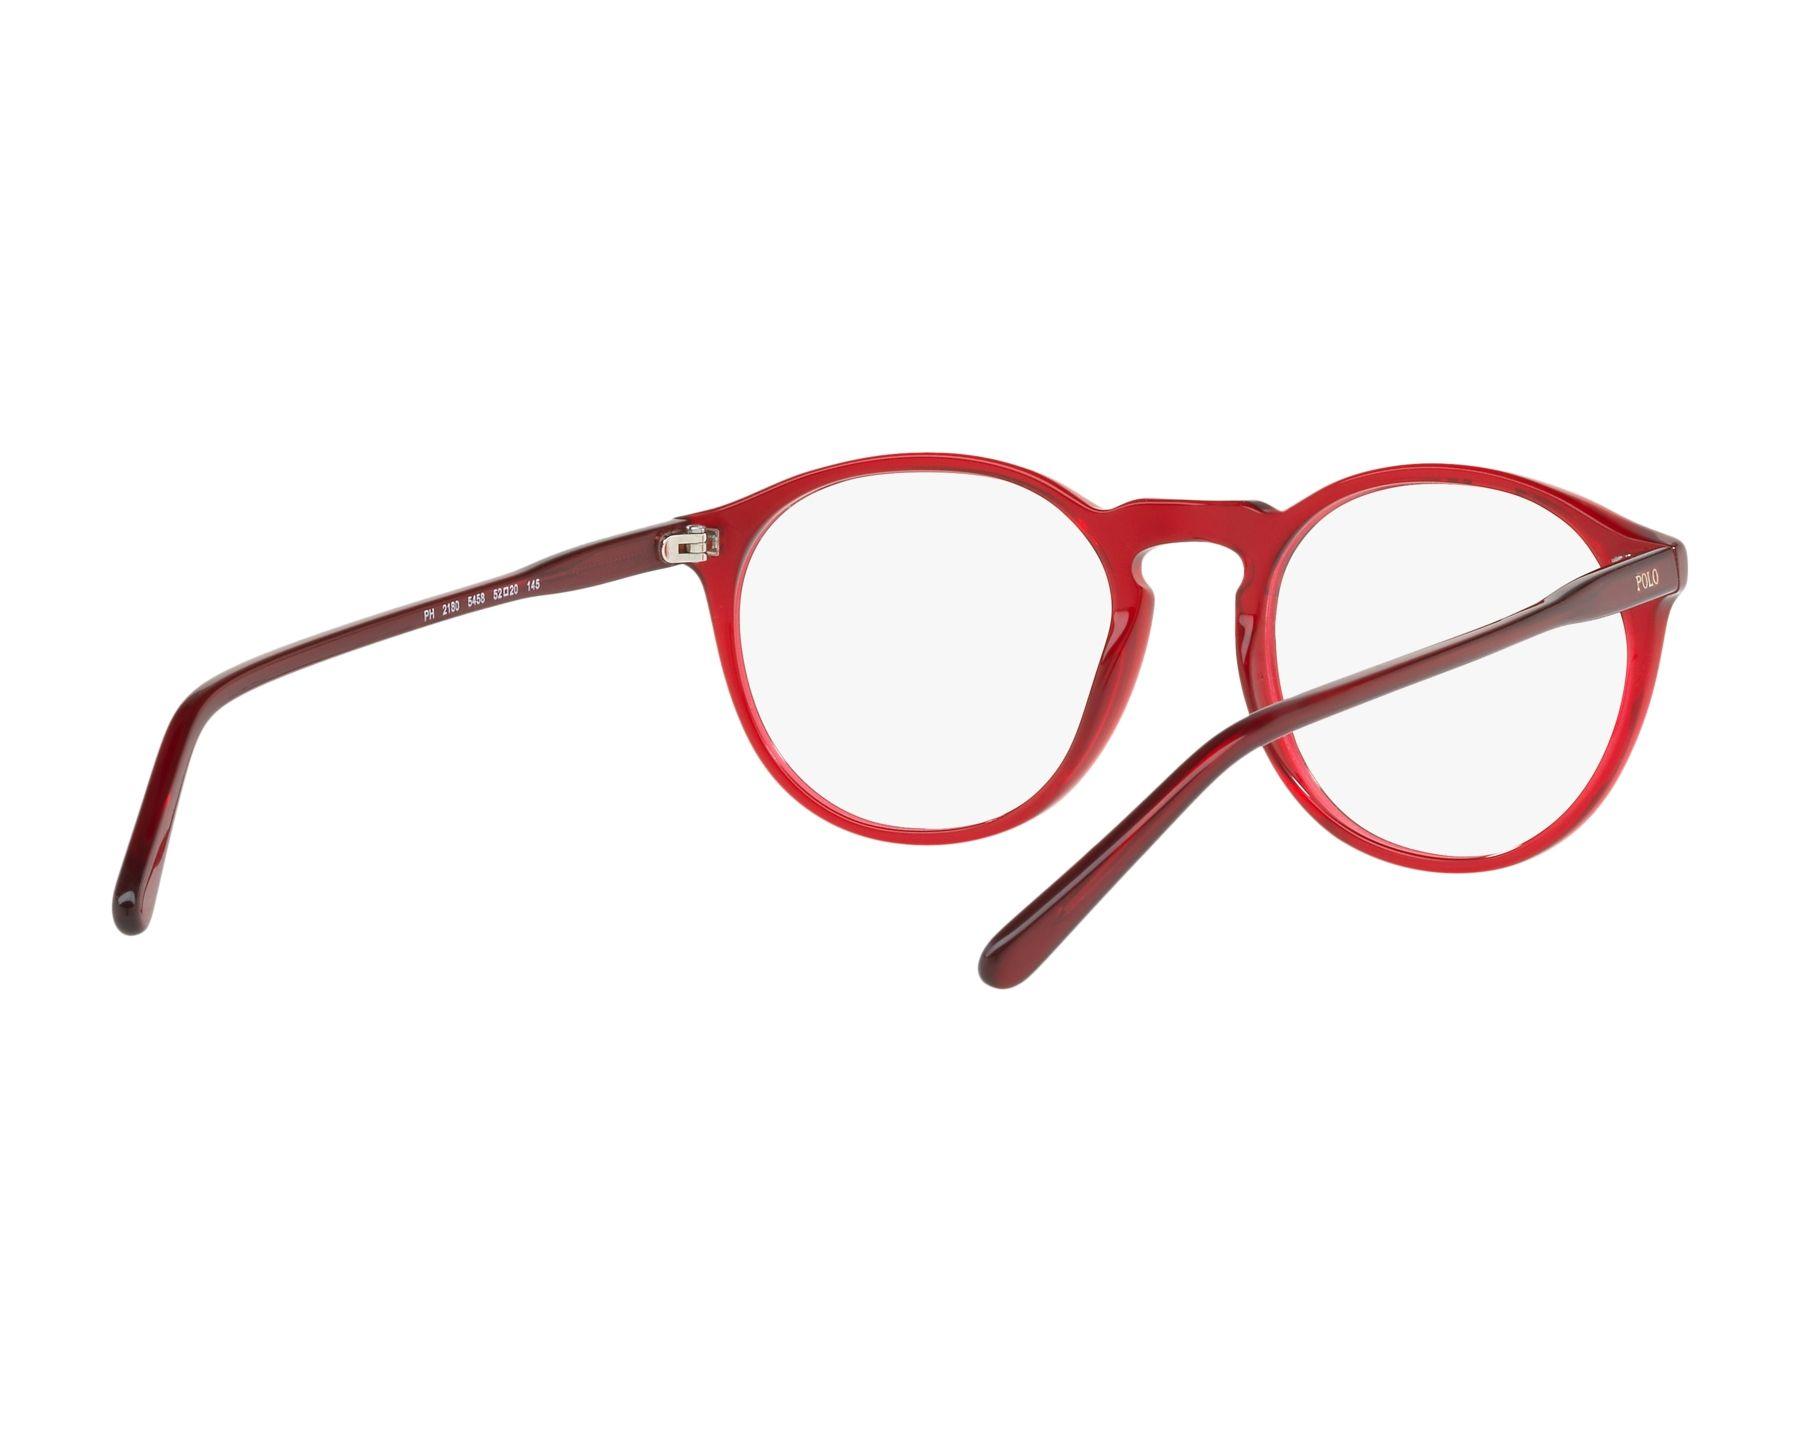 5dbc5297fe eyeglasses Polo Ralph Lauren PH-2180 5458 50-20 Red 360 degree view 8